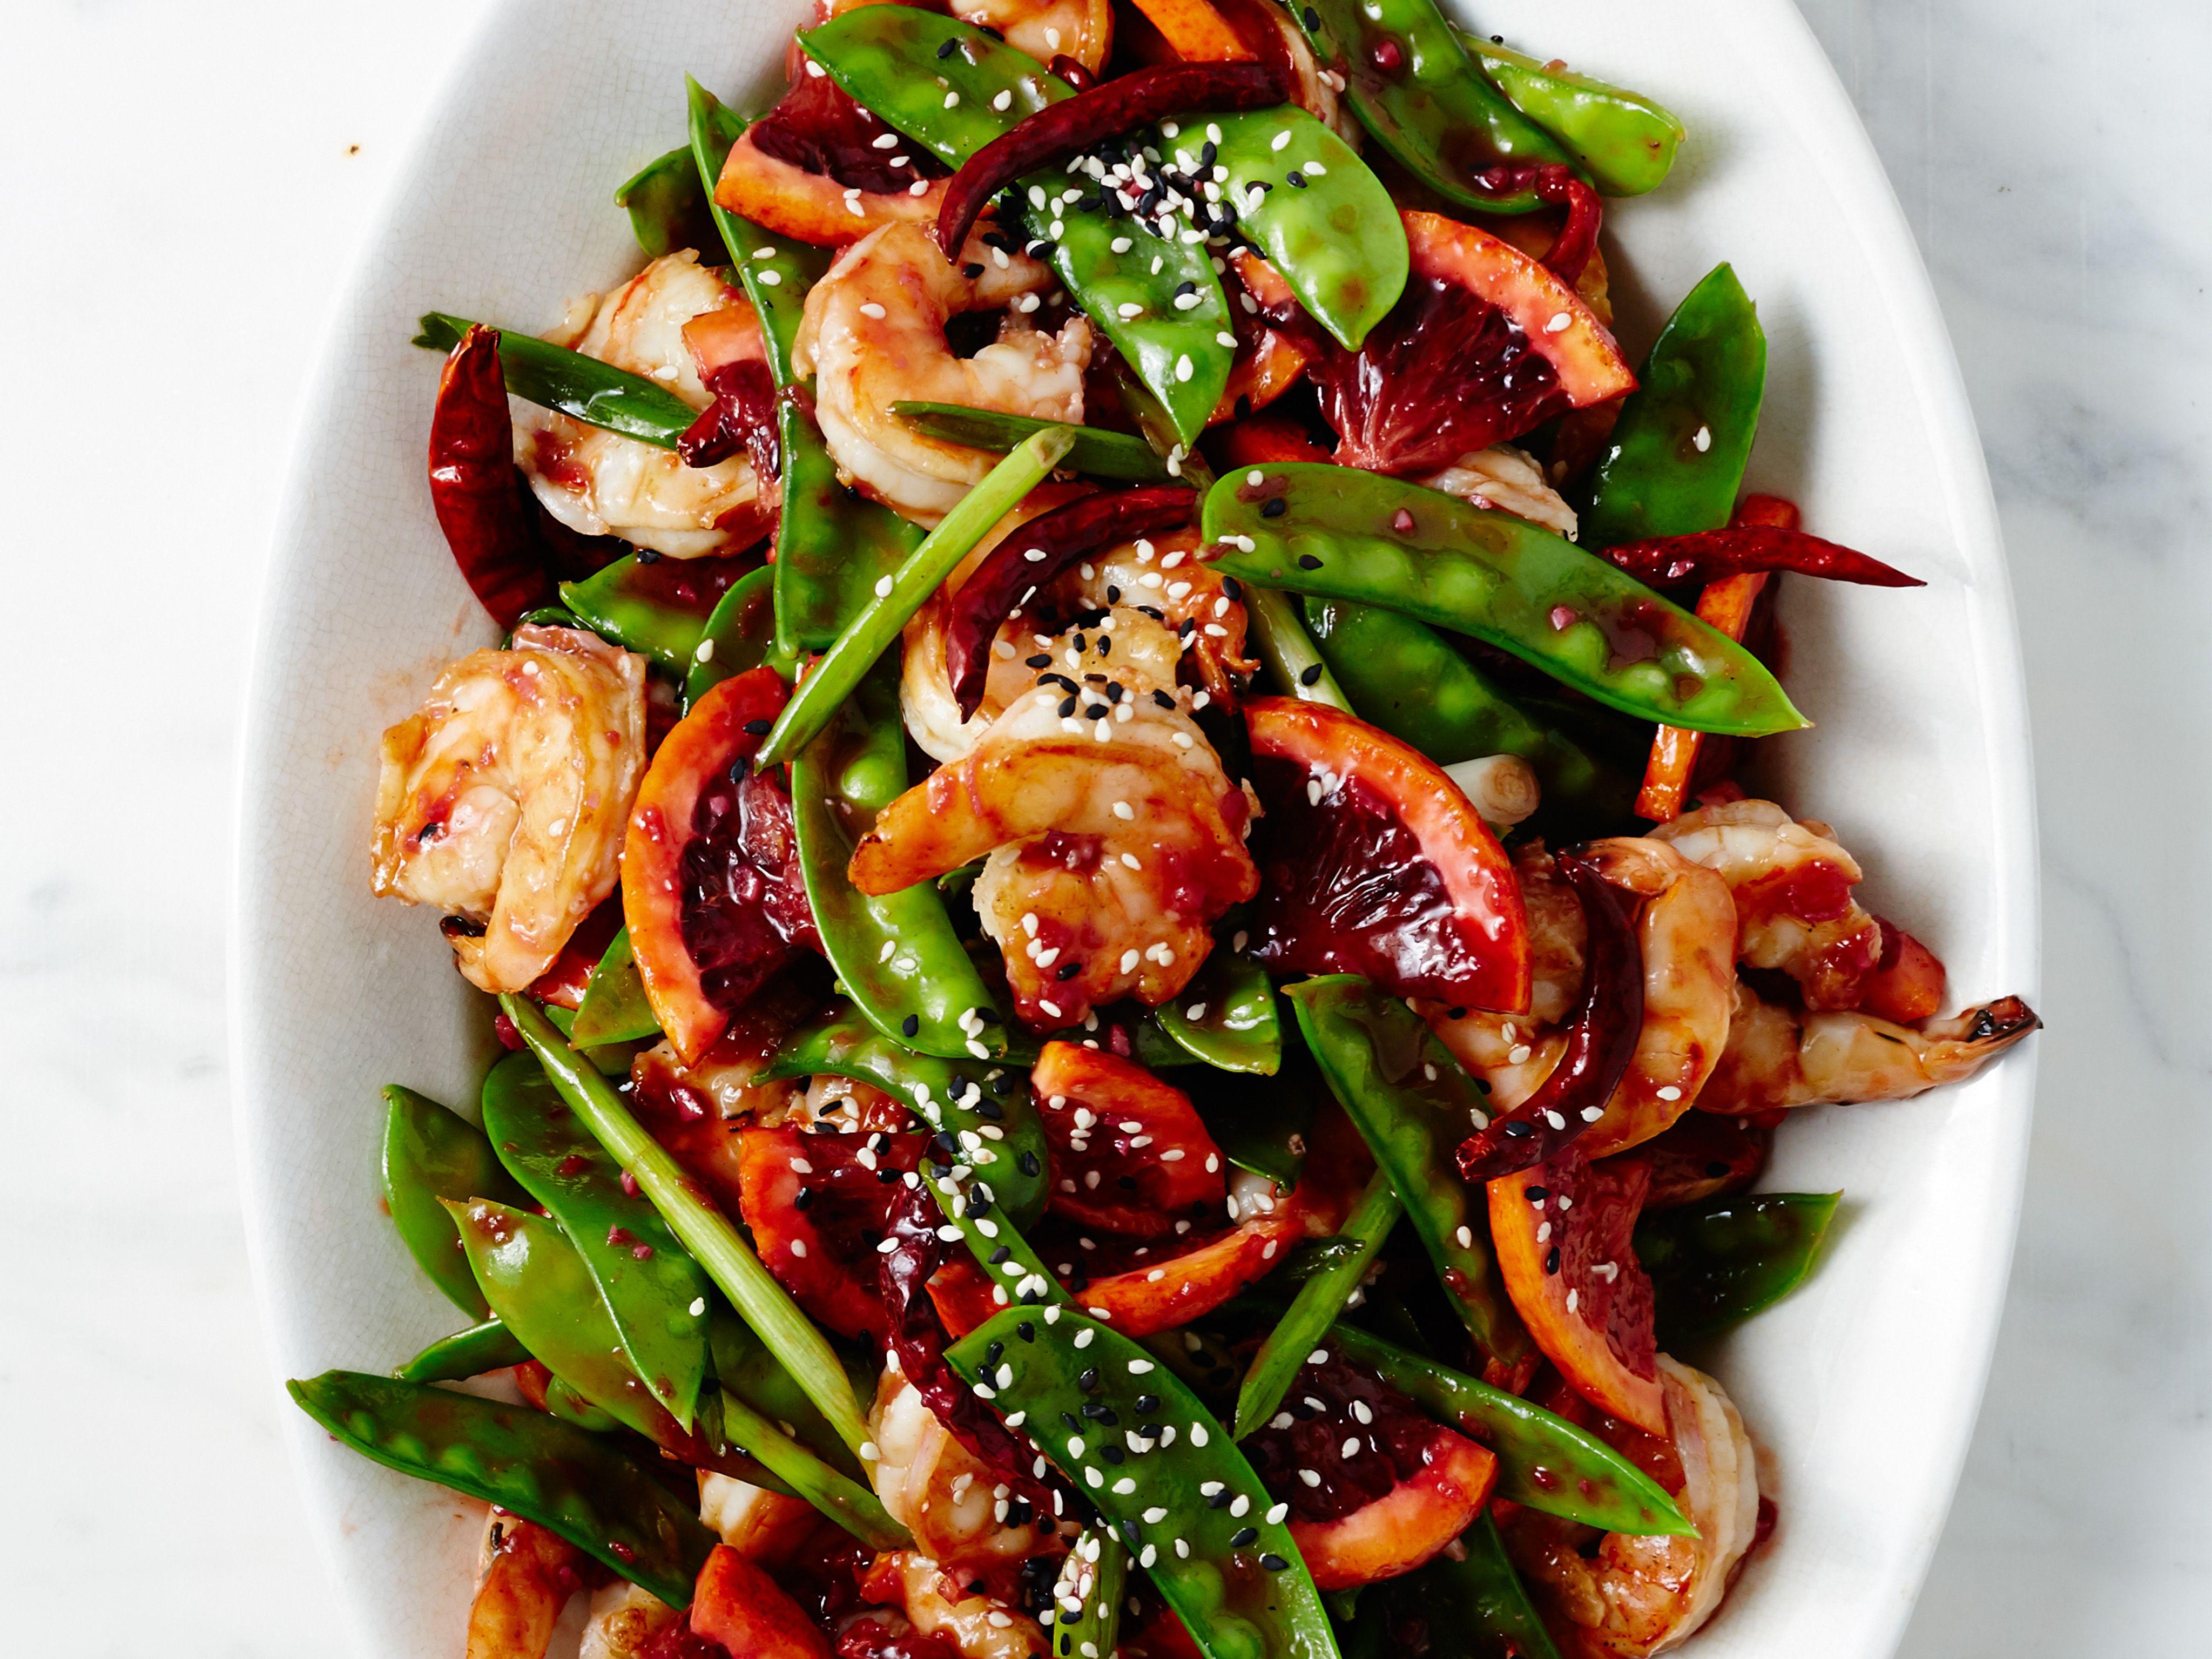 Blood Orange-Shrimp Stir-Fry recipe from Food Network Kitchen via Food Network